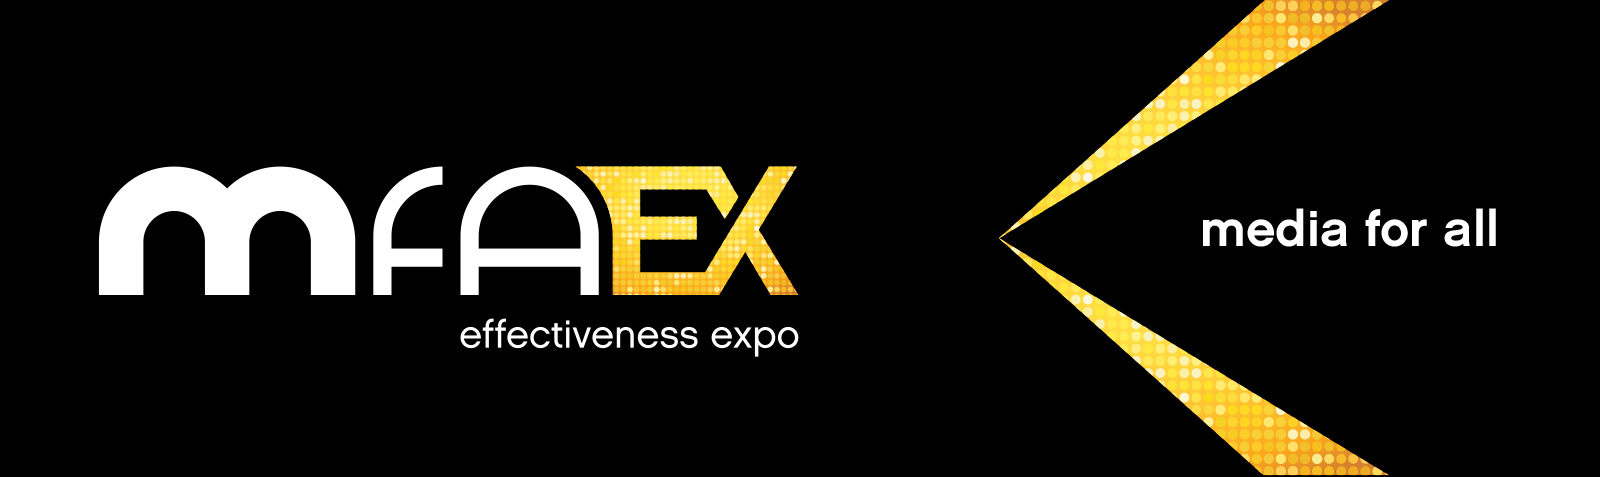 MFAEX19_Banners_1600x477px_MFAEXMediaForAll